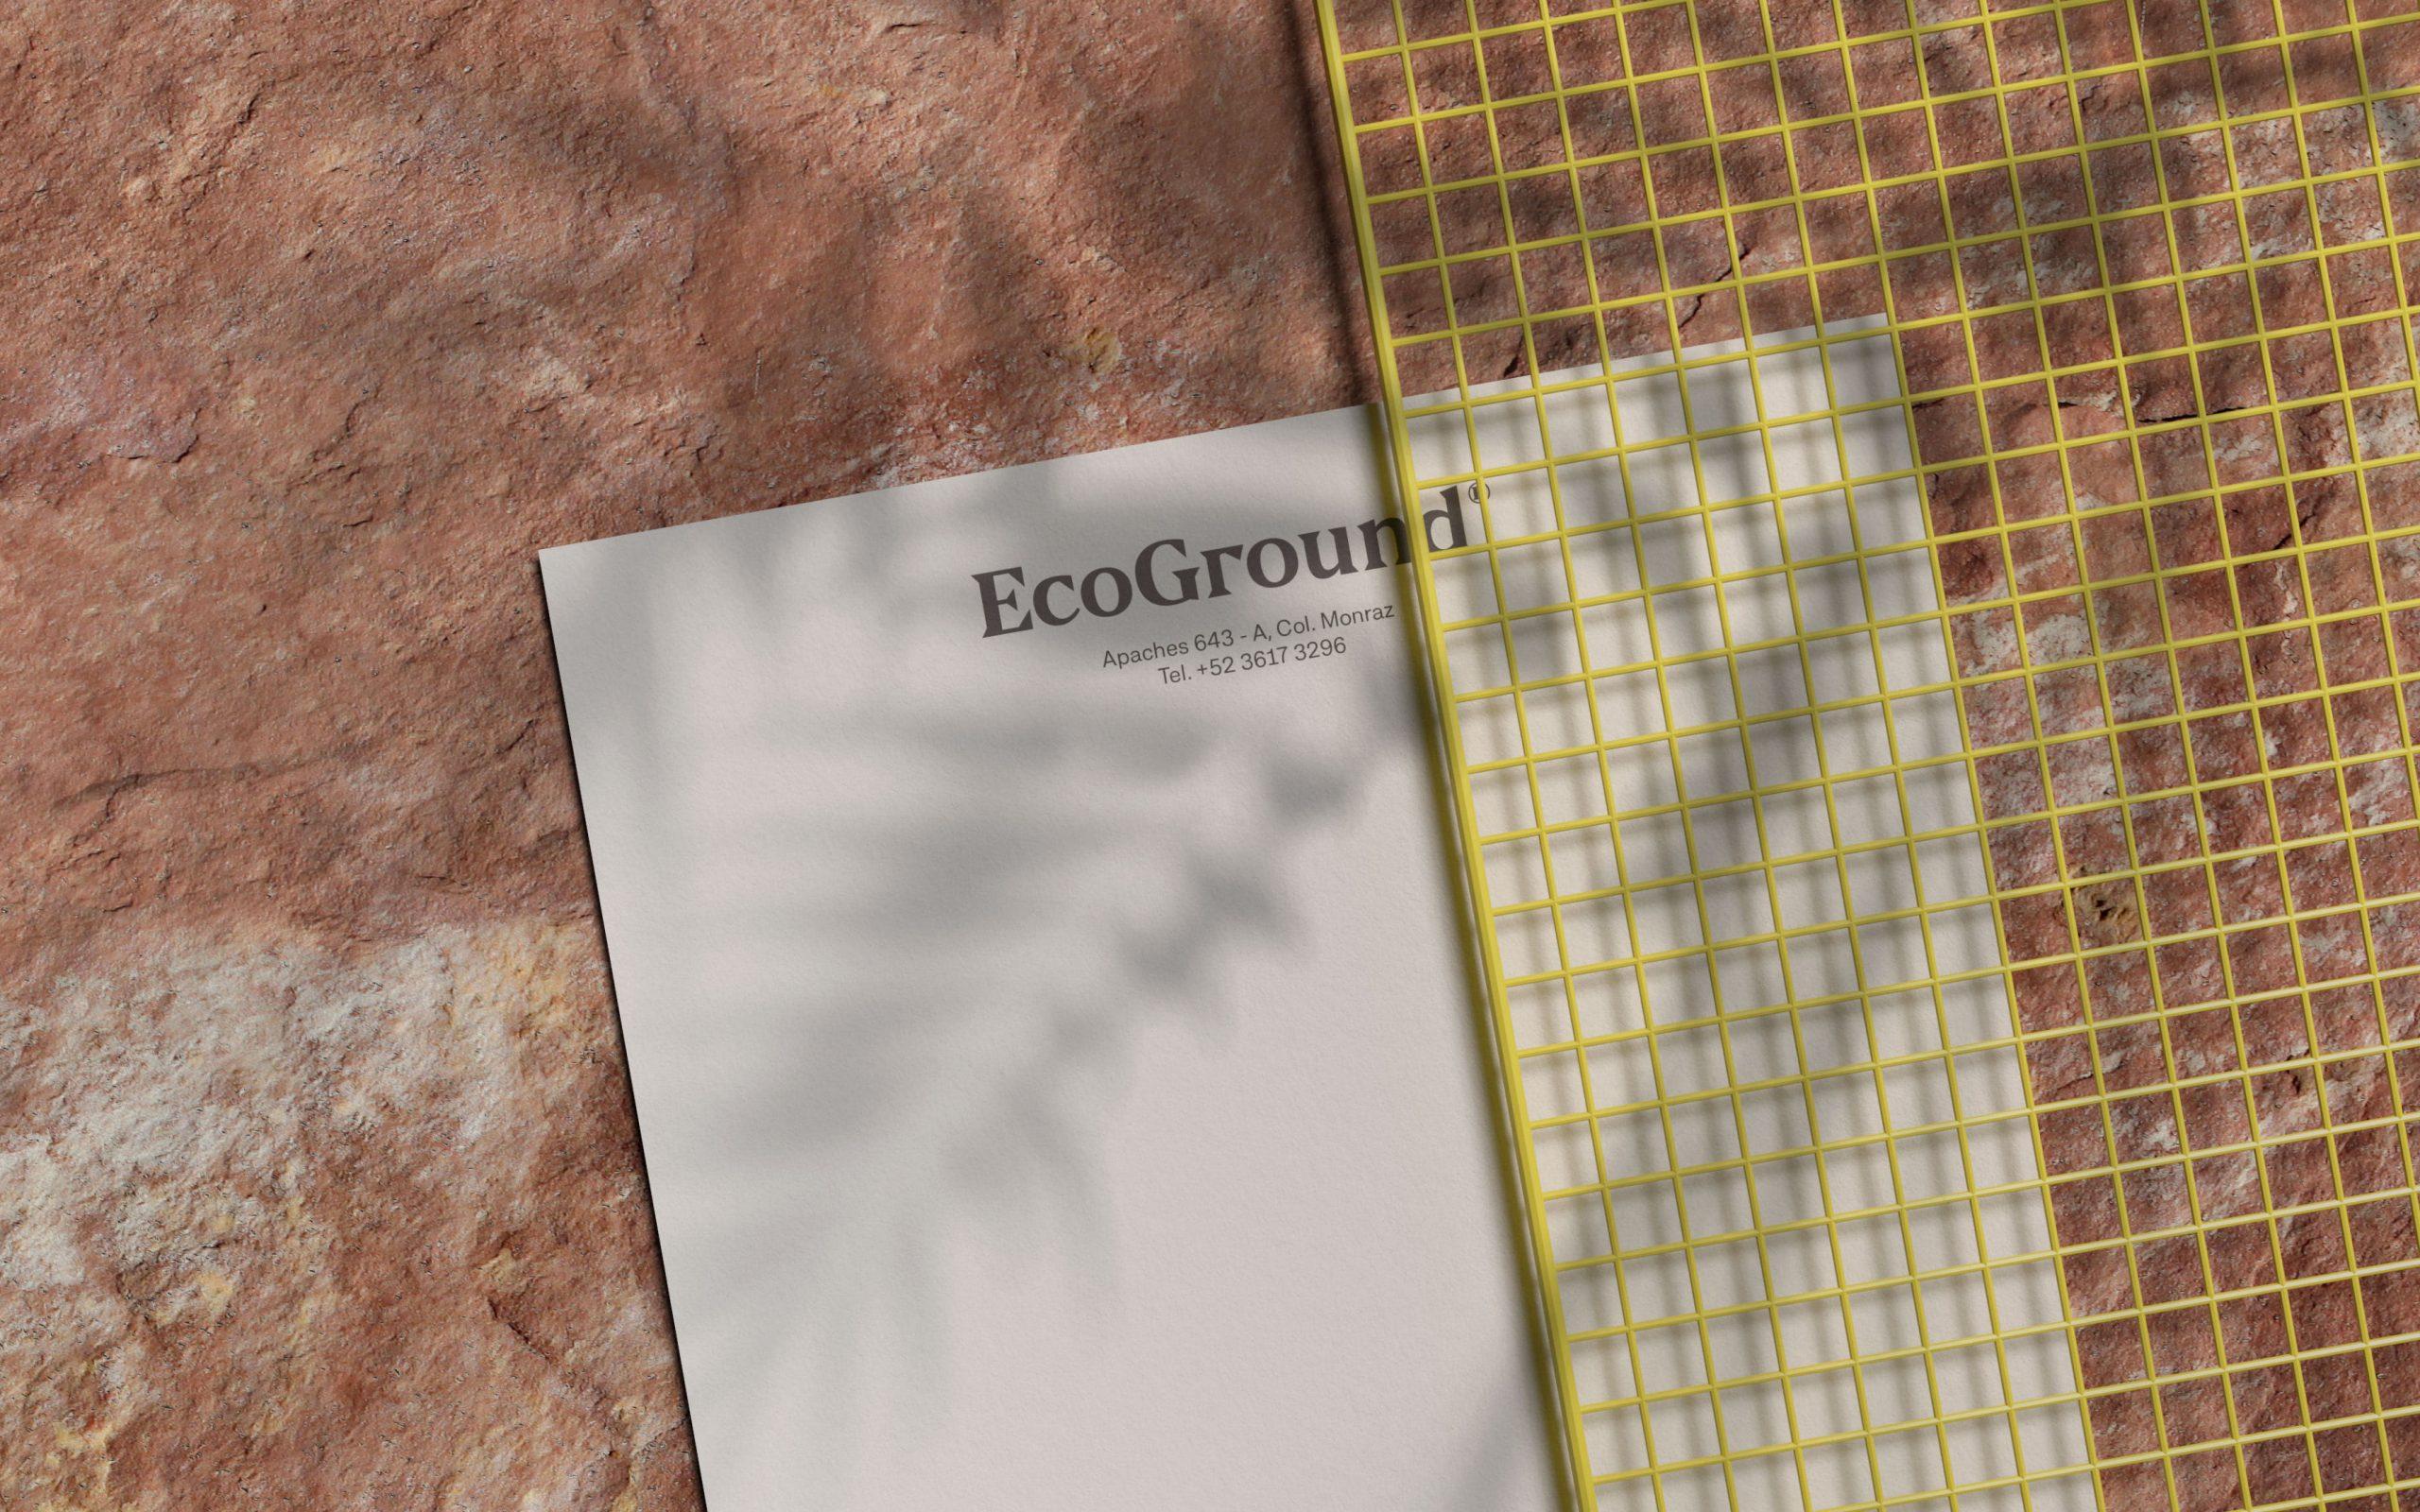 EcoGround-06